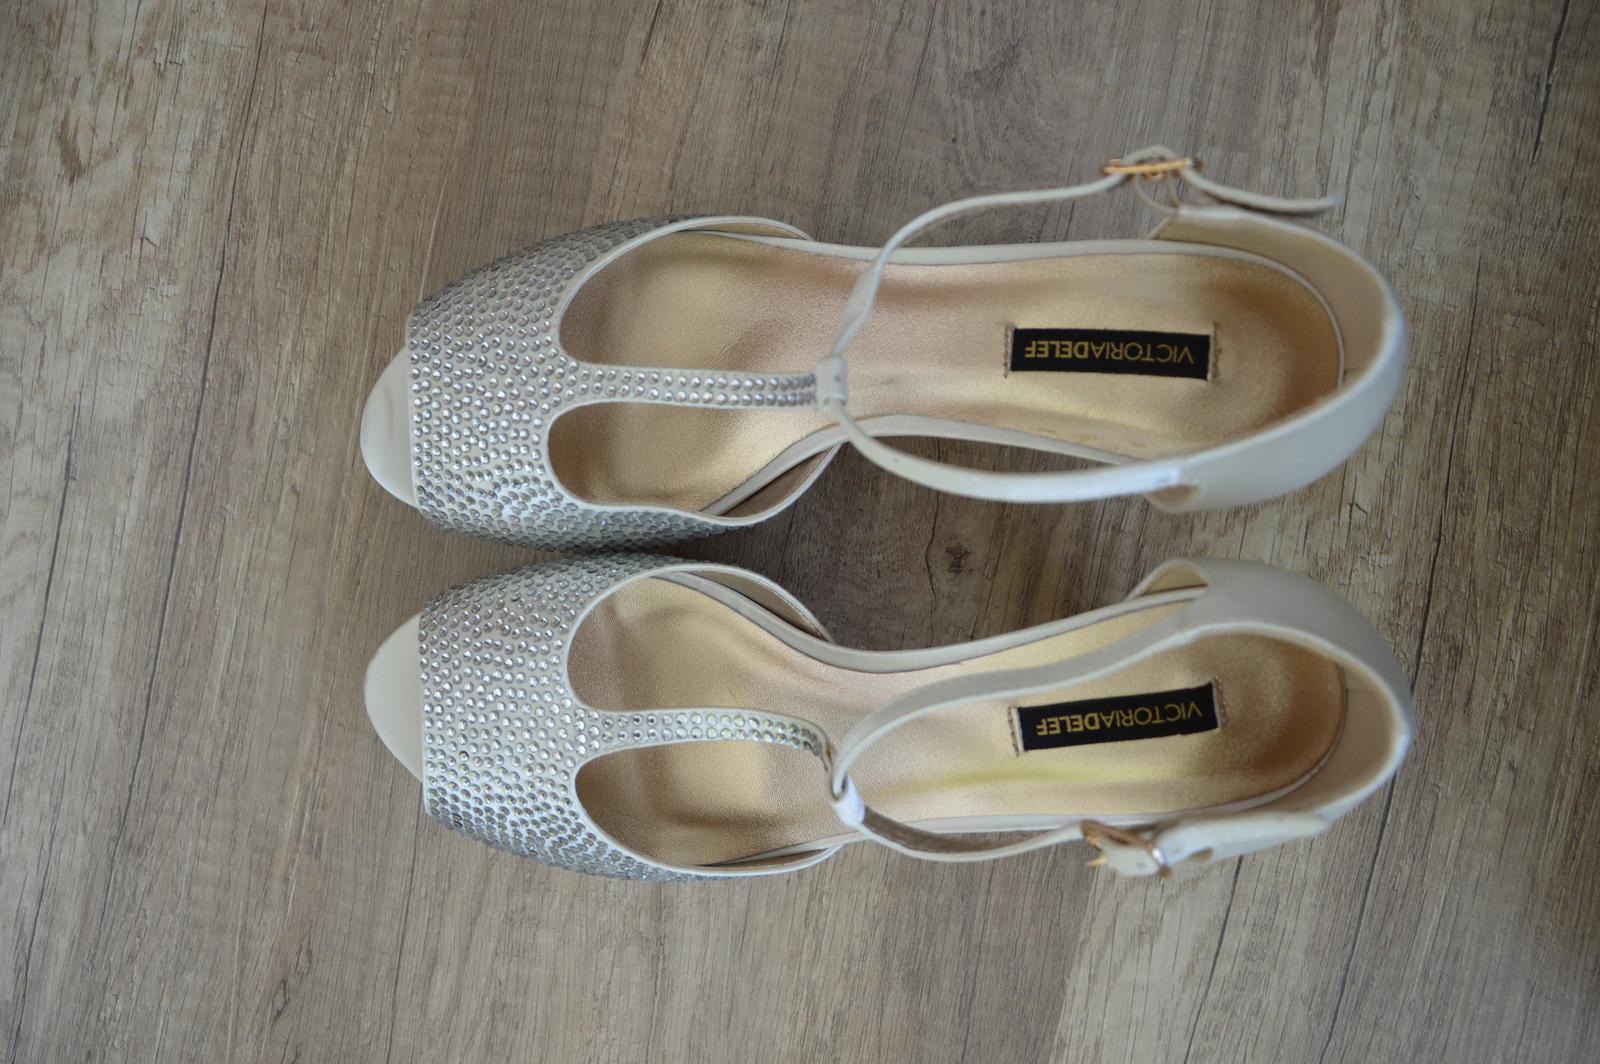 Svatební boty s kamínky - Obrázek č. 3